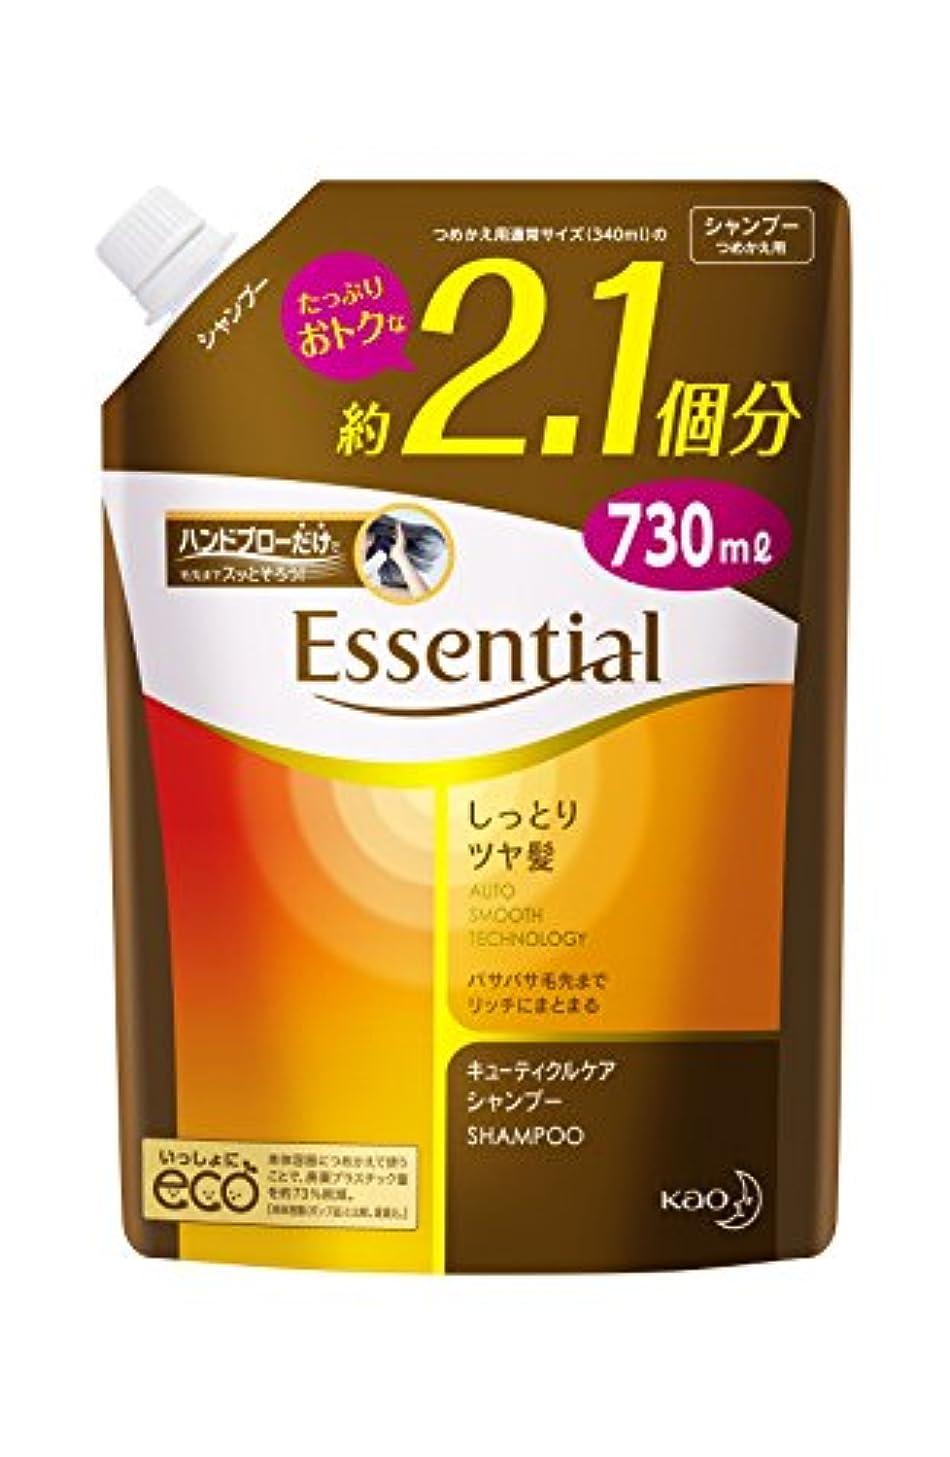 教育者改修するピジン【大容量】エッセンシャル しっとりツヤ髪シャンプー つめかえ用 730ml(2.1個分)